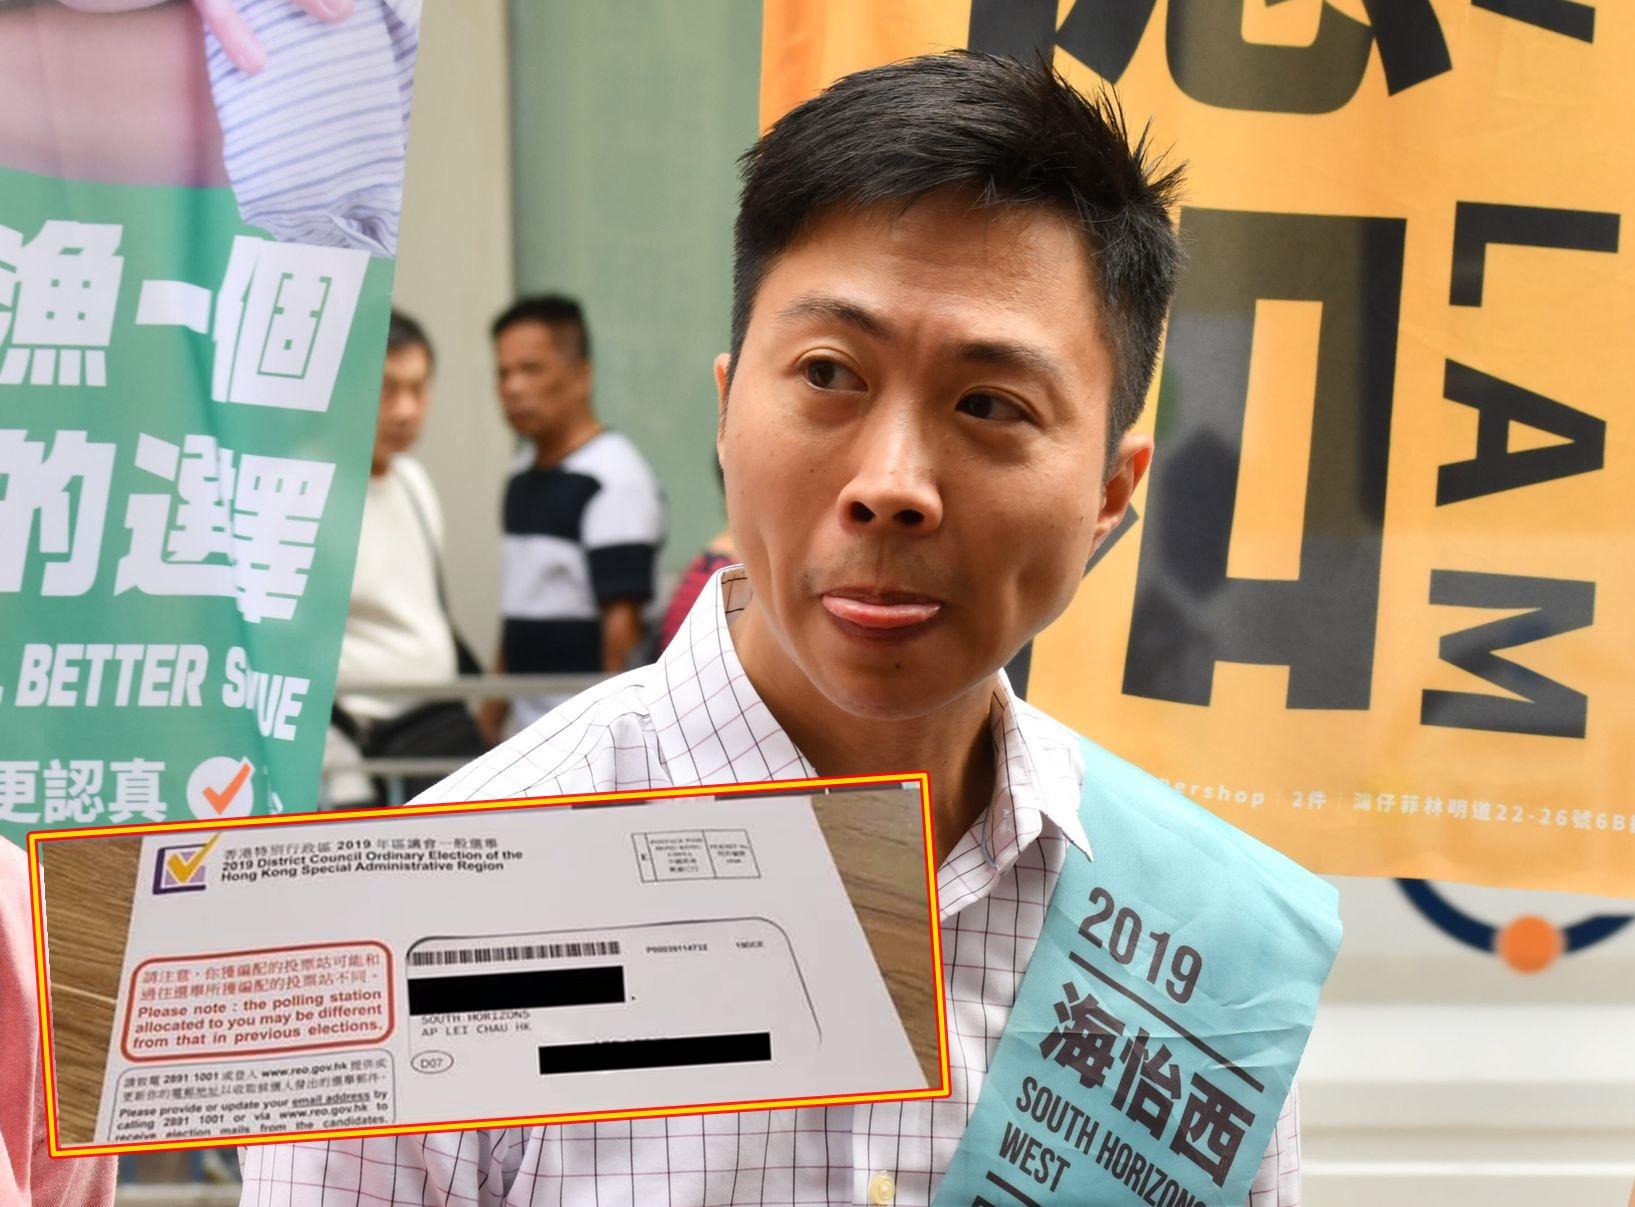 【区会选举】海怡西两单位收疑似种票邮件 收件人姓名为普通话拼音